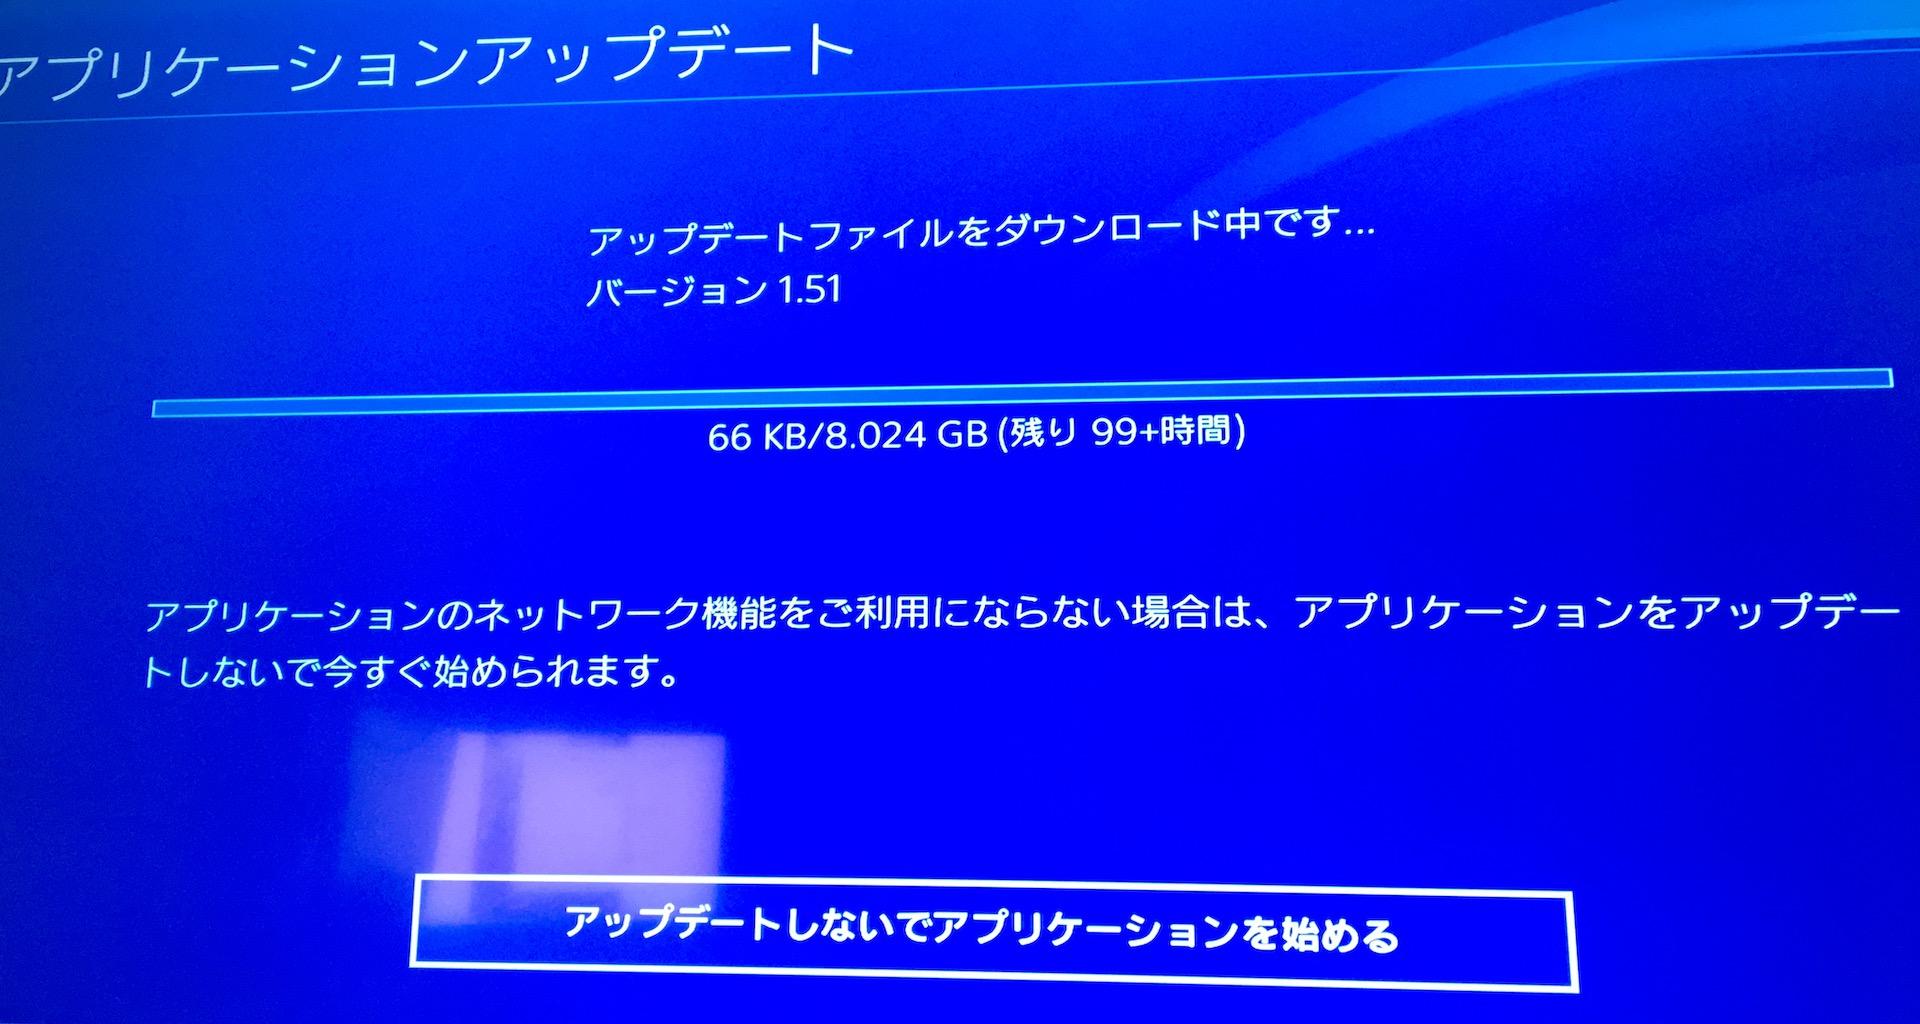 f:id:t_aki:20210501200918j:plain:w300